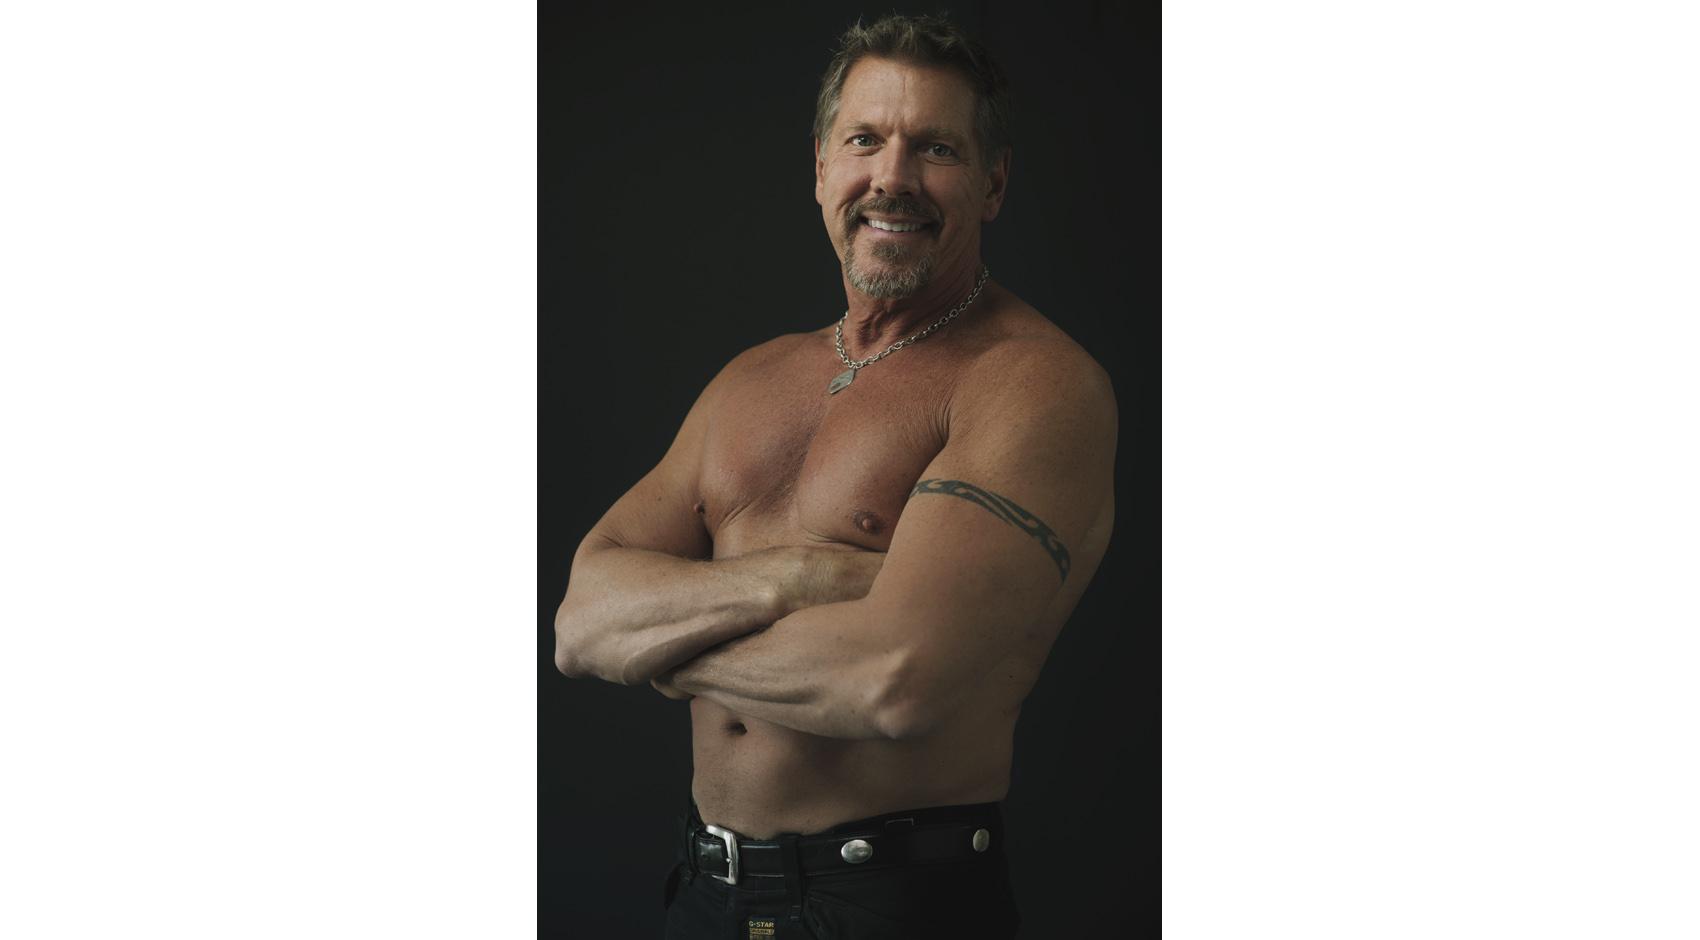 Men Over 50 - Mark